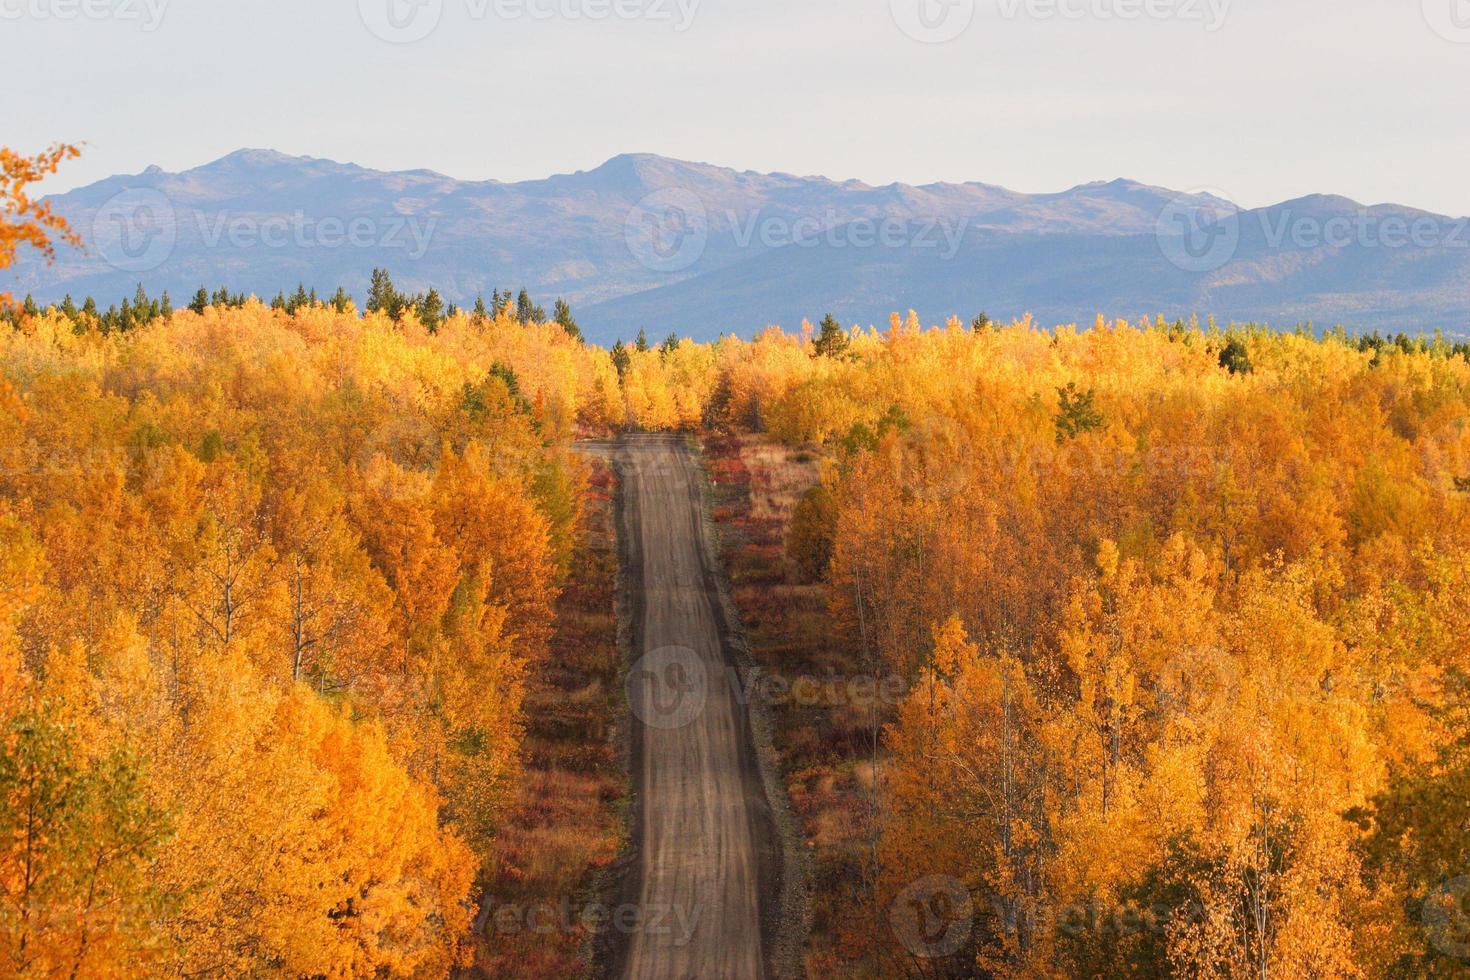 alberi colorati autunnali lungo la strada in British Columbia foto